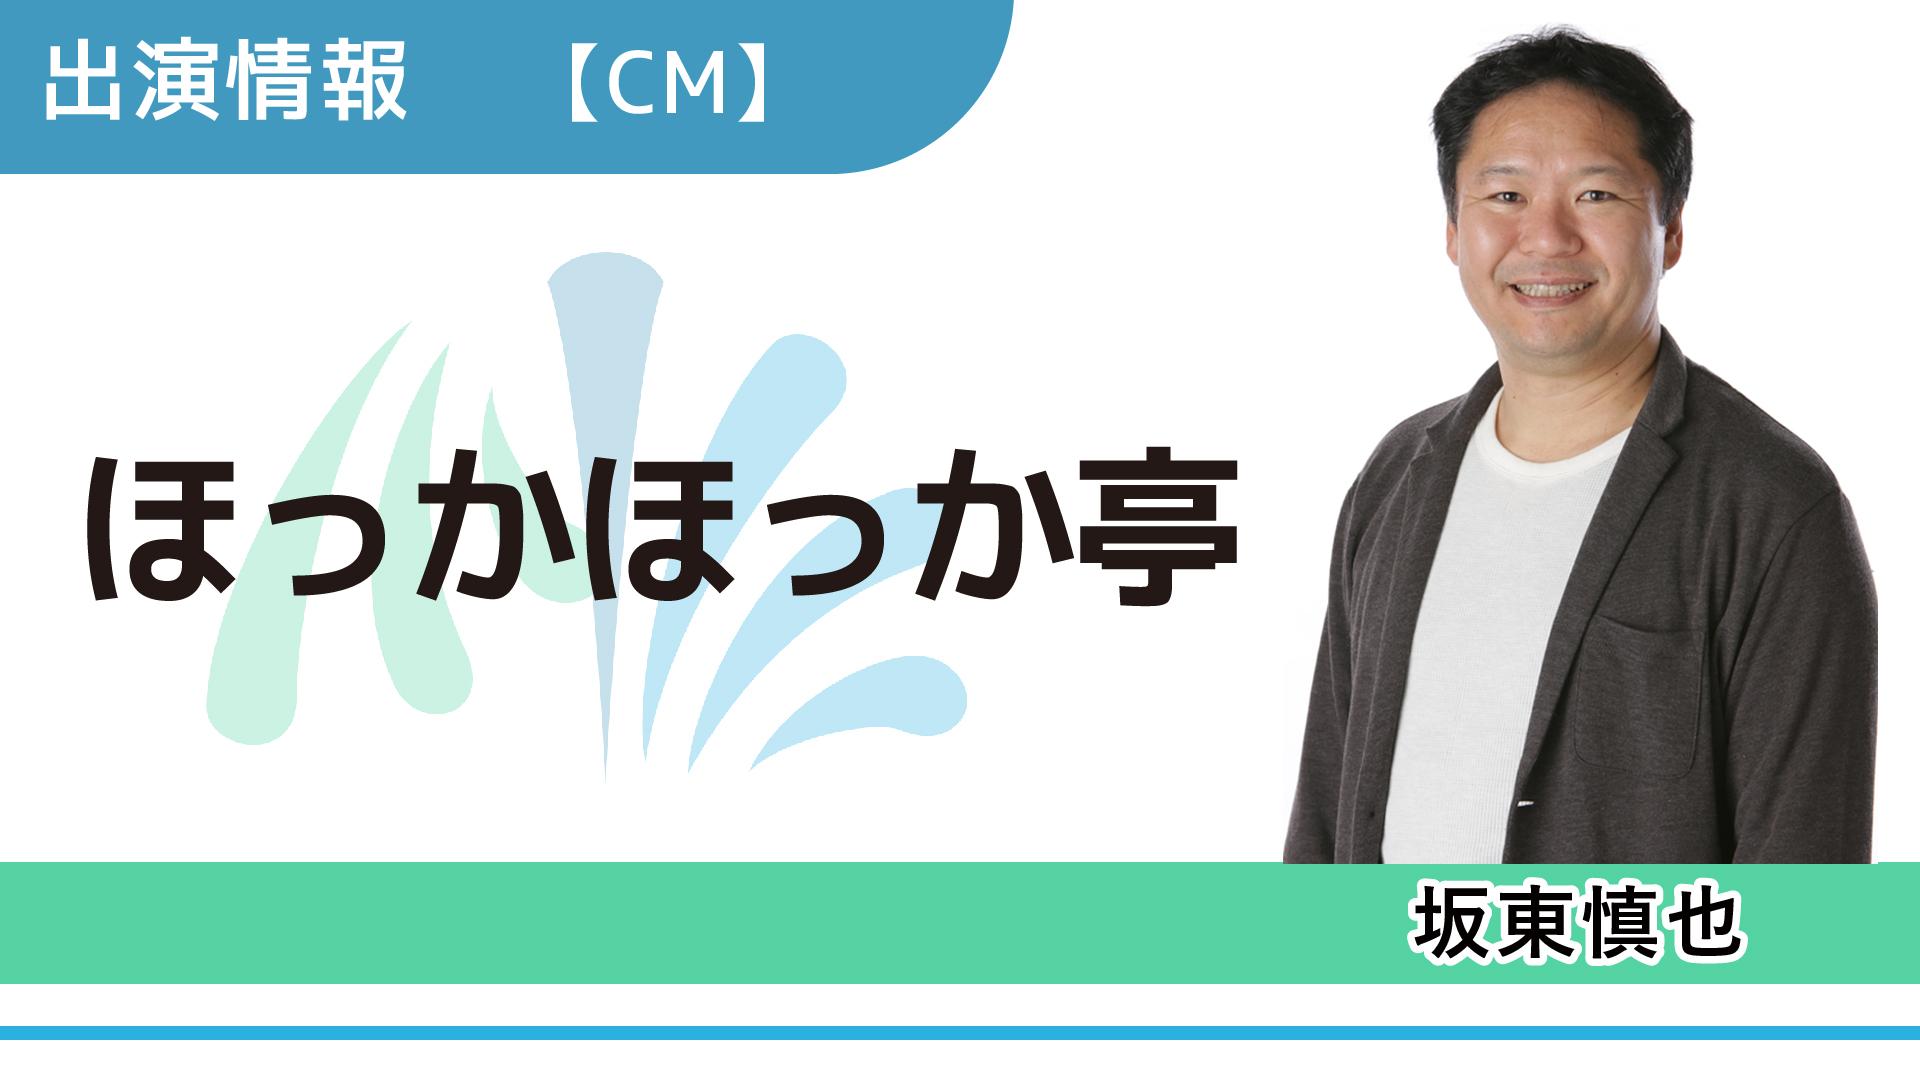 【出演情報】坂東慎也 / 「ほっかほっか亭」TV-CM出演